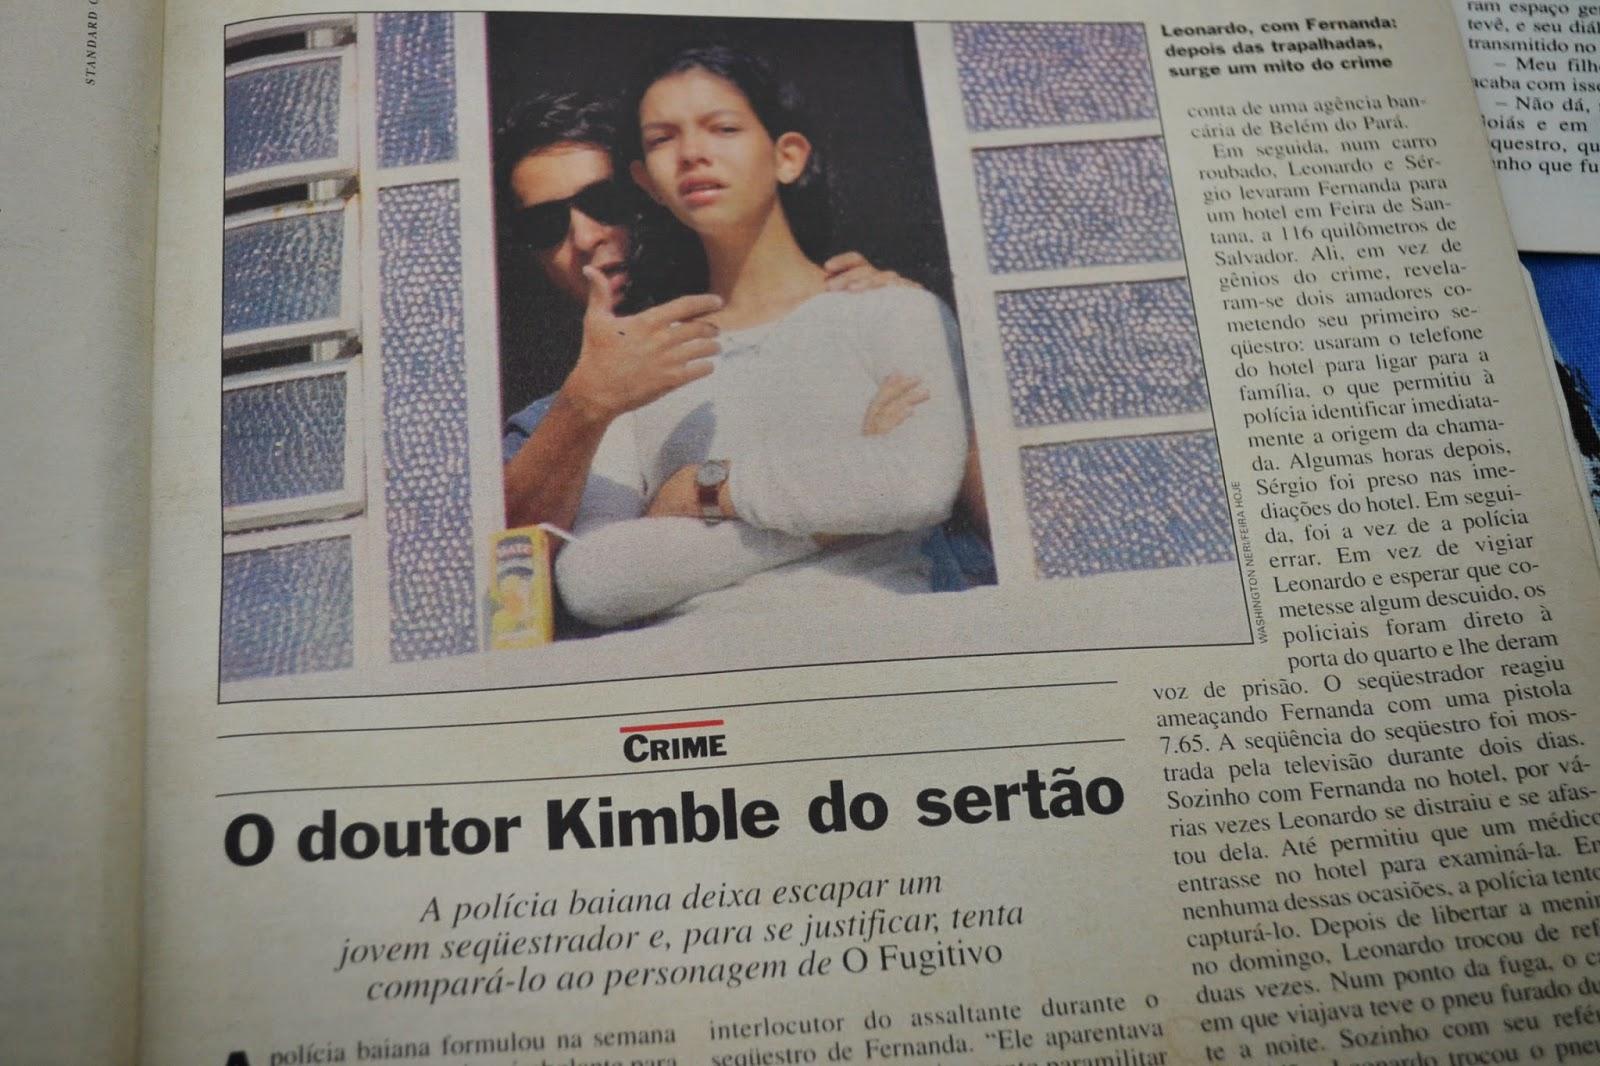 Reportagem da revista Veja sobre o sequestro da sobrinha do governador da Bahia por Pareja.